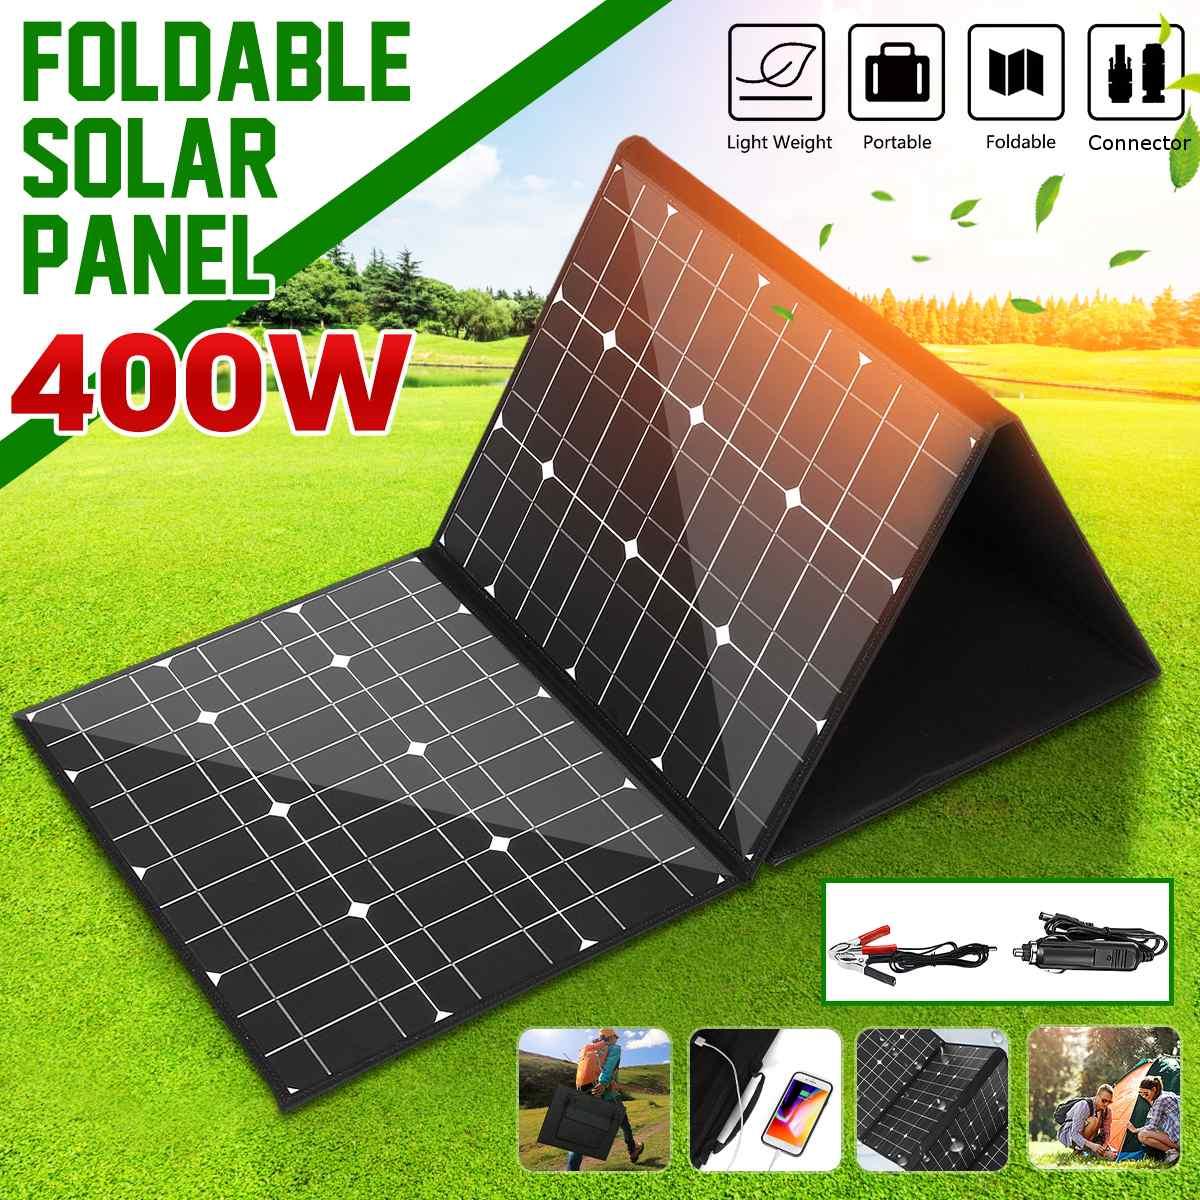 18v 400w monocrystallinel painel solar dobravel pacote com cabos de 1 5m interface usb conjunto controlador